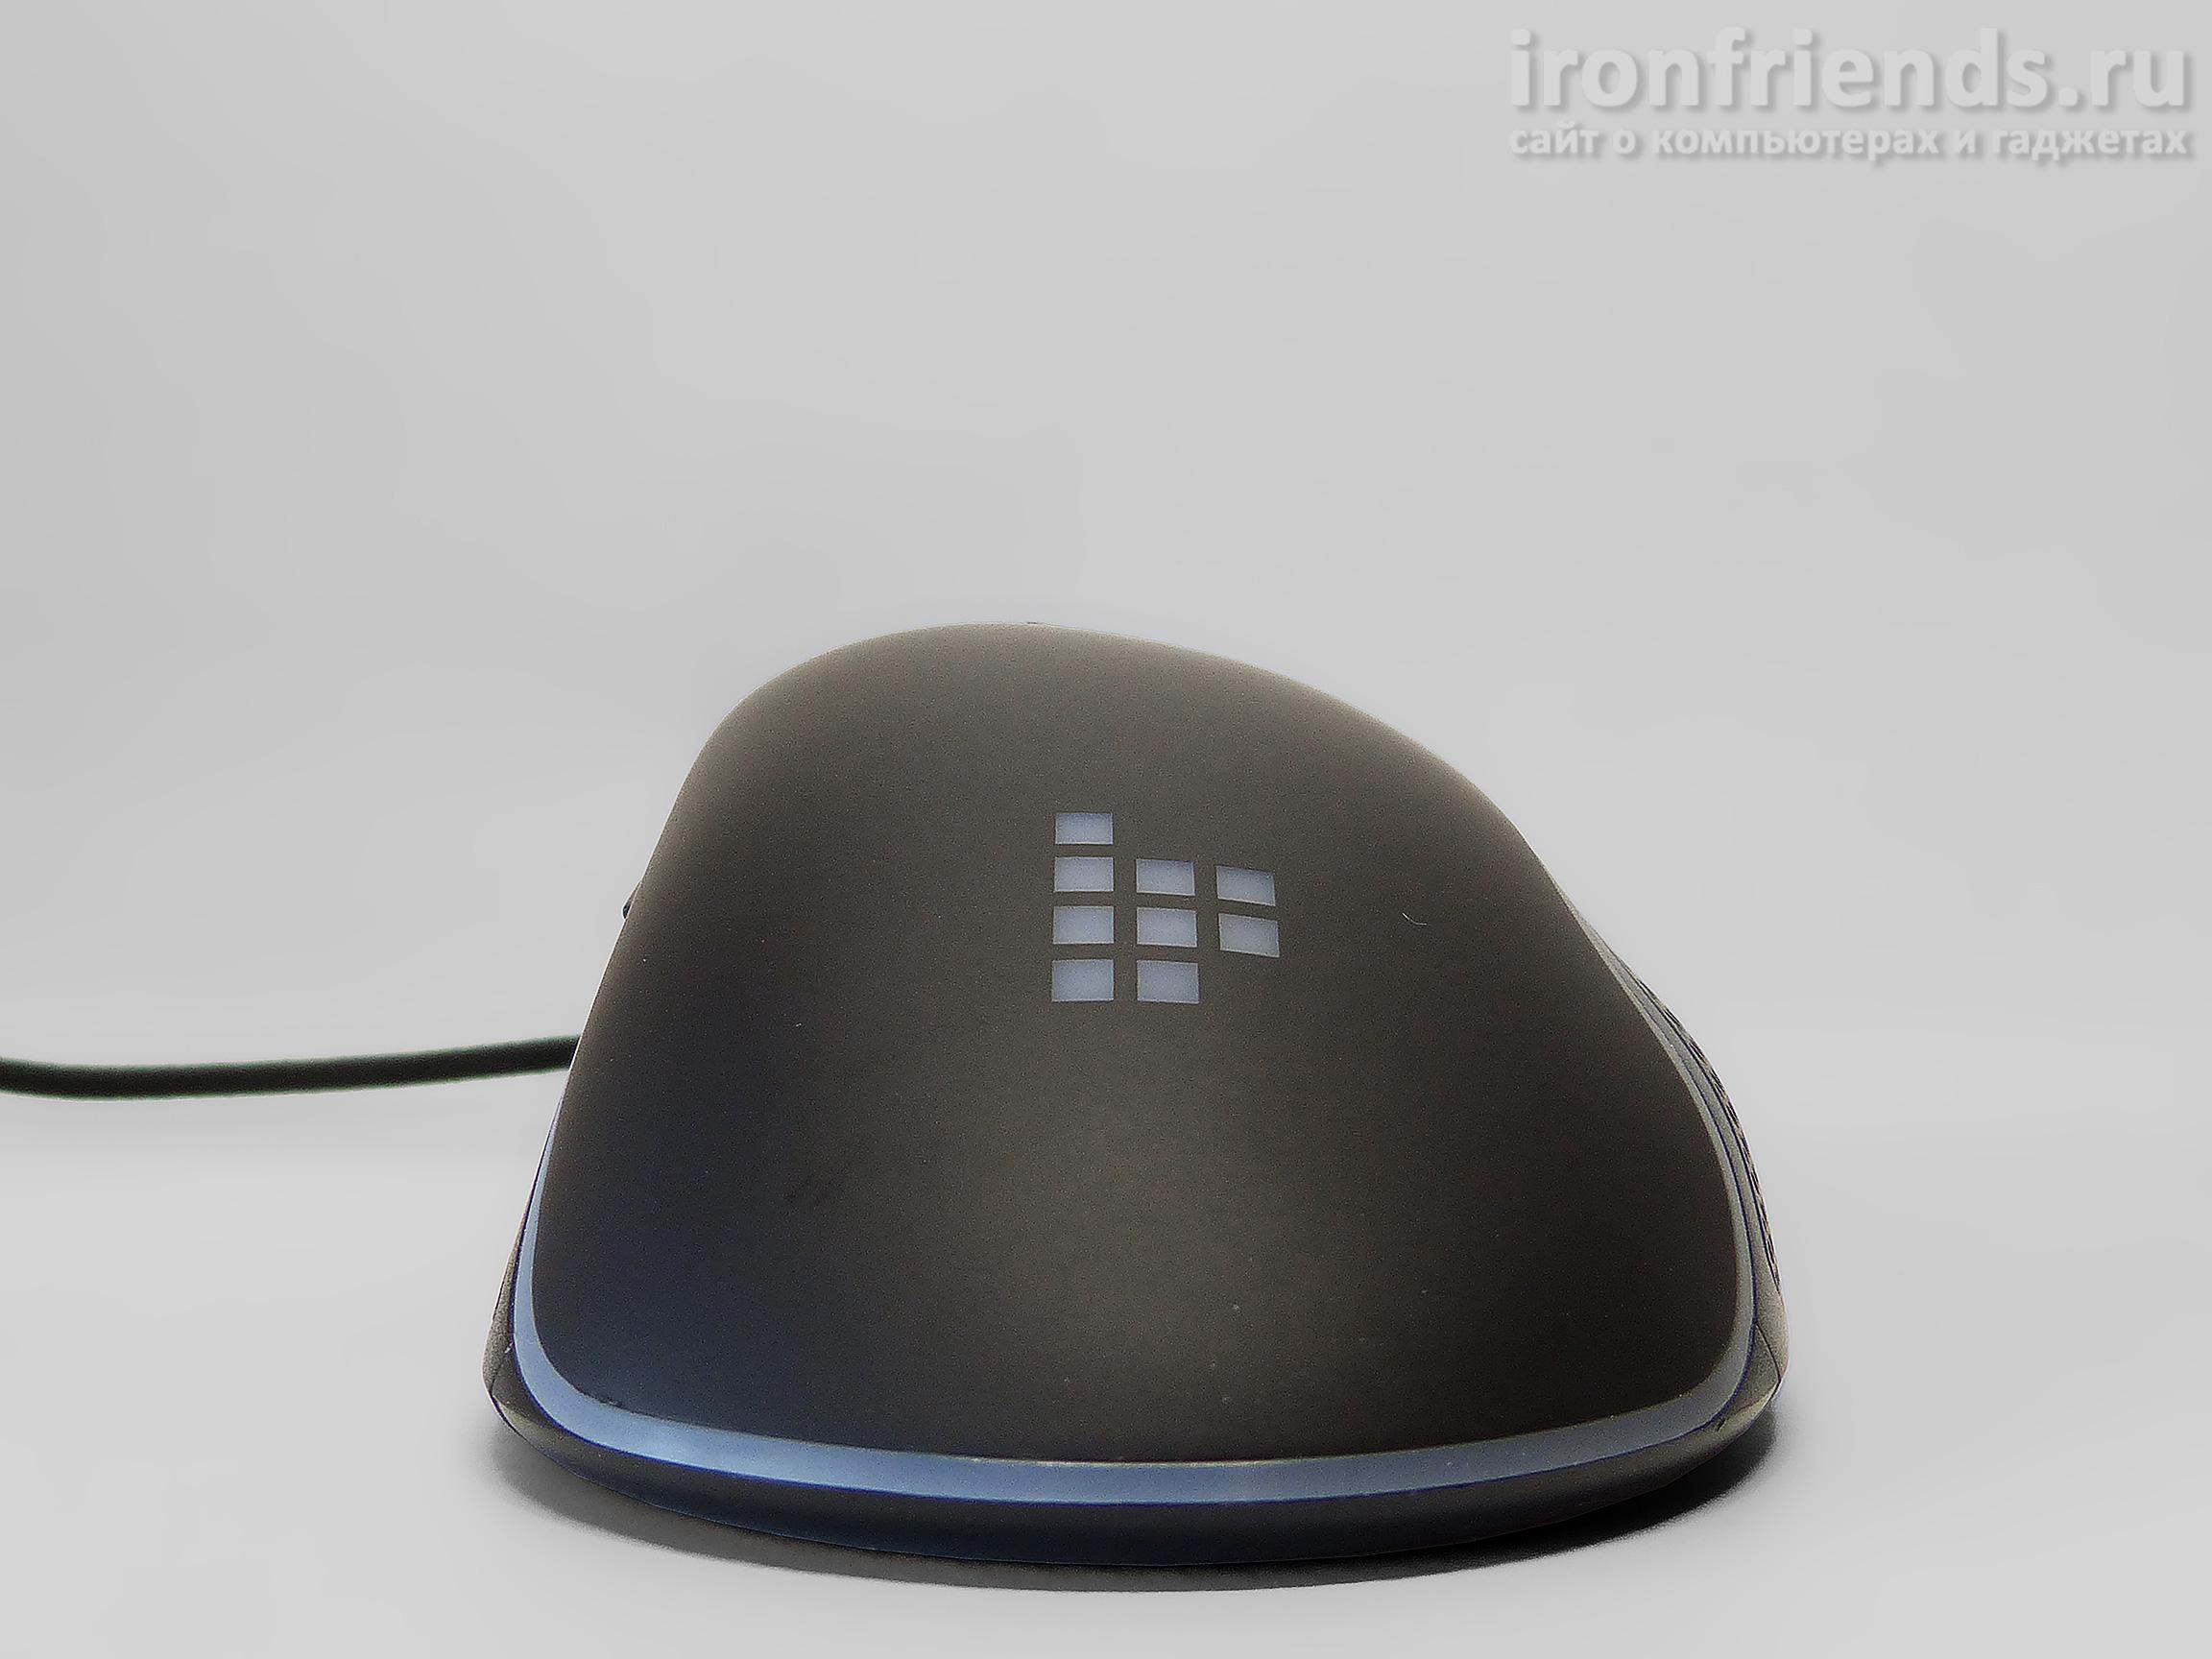 Игровая мышь Tronsmart TG007